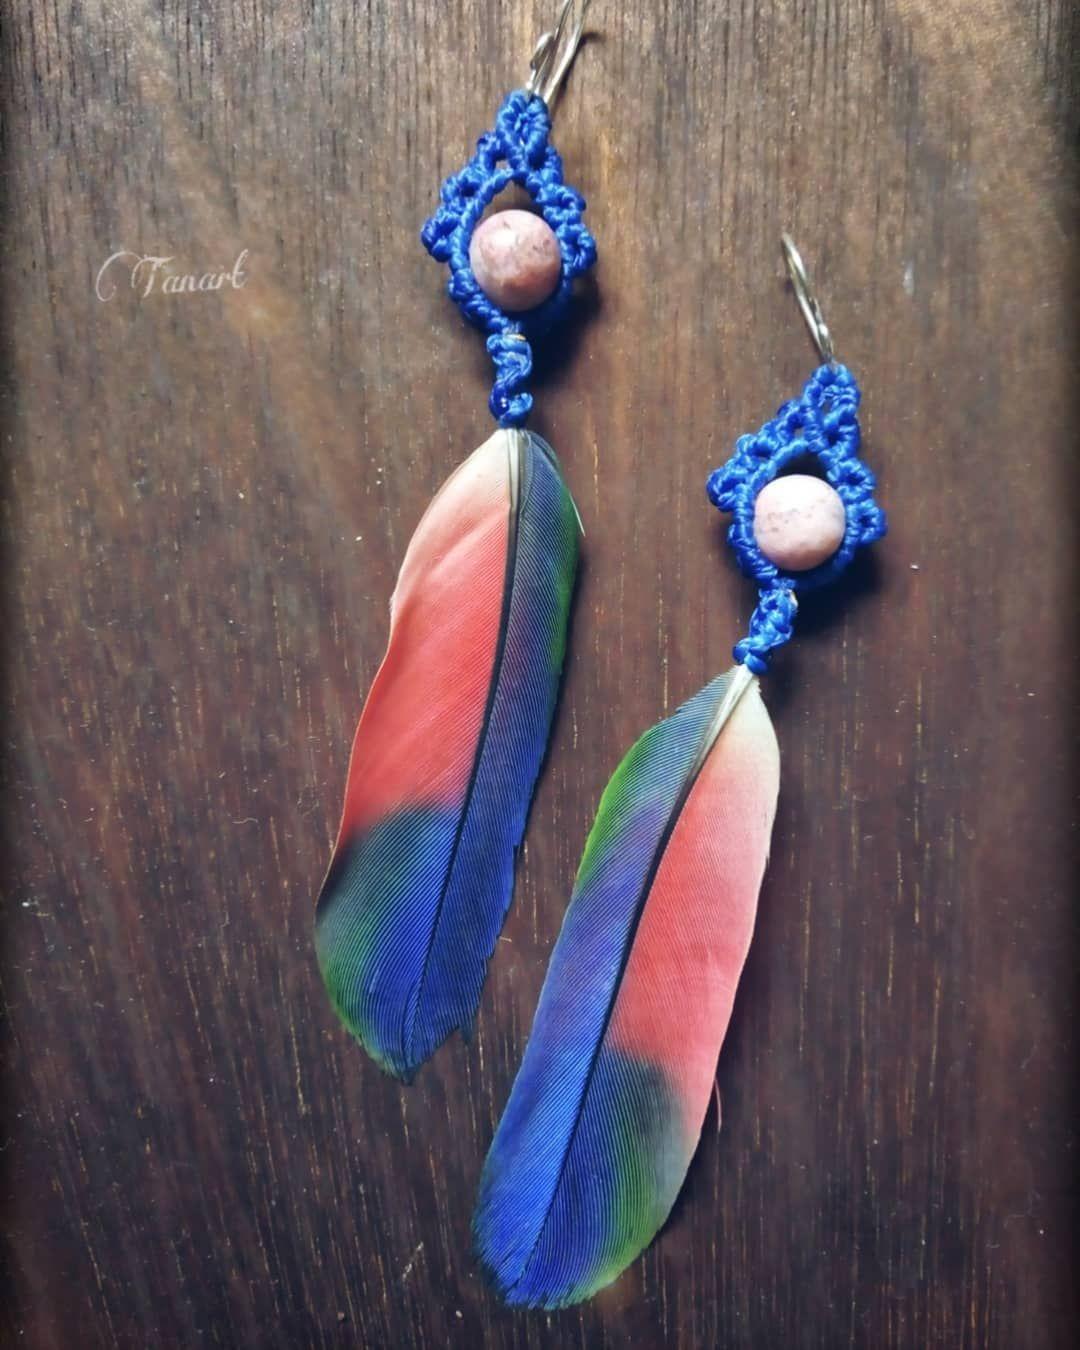 Más que especiales estás plumas tejidas y con rodonita , se van con todo el amor 🌬️🔮🍃🎁 azules 🌊🐚🌌 Plumajes que se sienten voy rezando y el sol najero agradecido🌄🙏🏾🥁🎶🎶 #tanart #aretes #earrings #plumas #feathers #feathersearrings #macrame #macramearrings #macramejewellery #micromacrame #joyeriaartesanal #joyeriatejida #jewellery #knots #arteennudos #rodonita #campechemexico